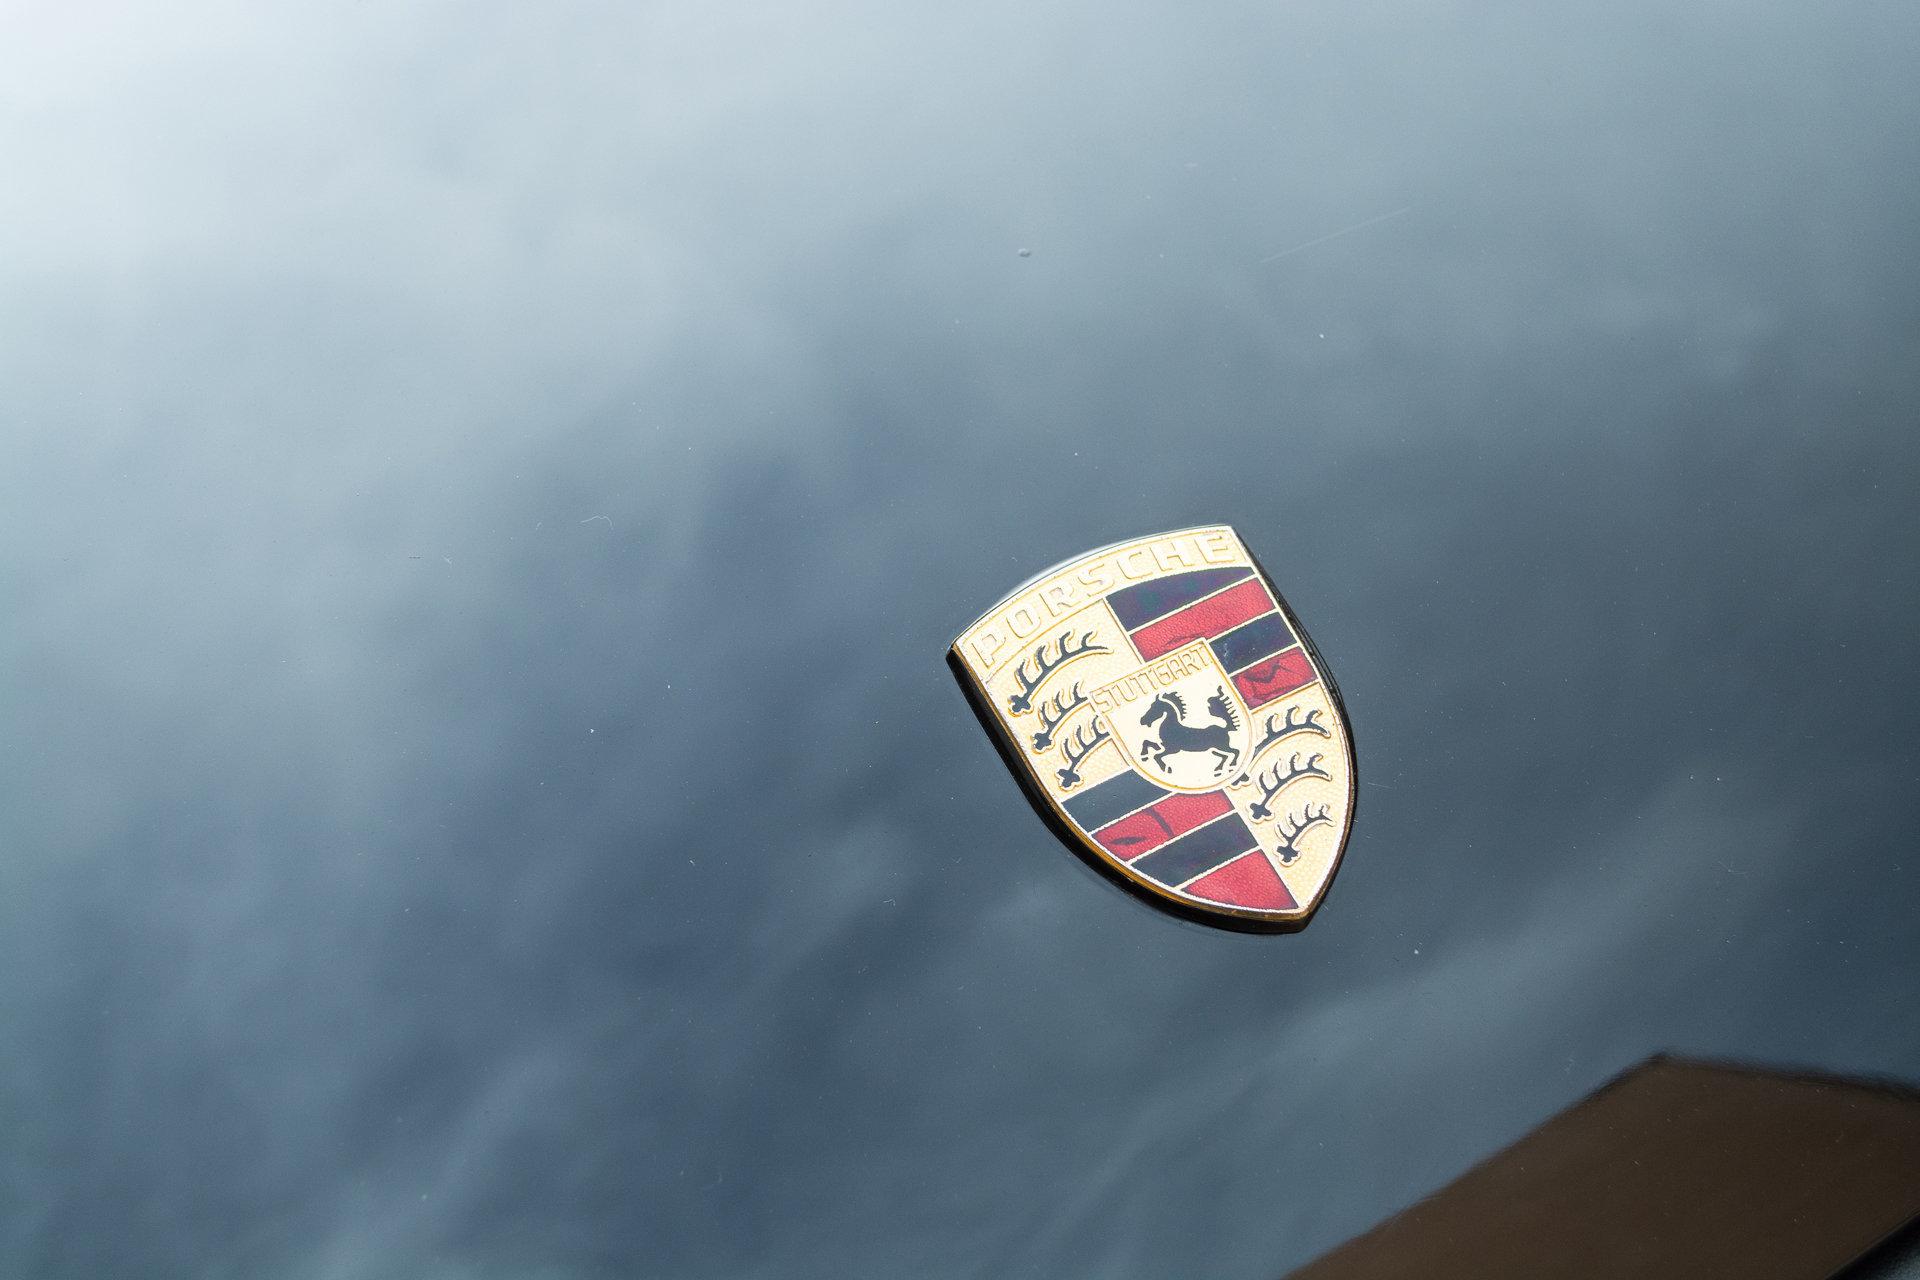 13211302a1e31 hd 1979 porsche 911 sc